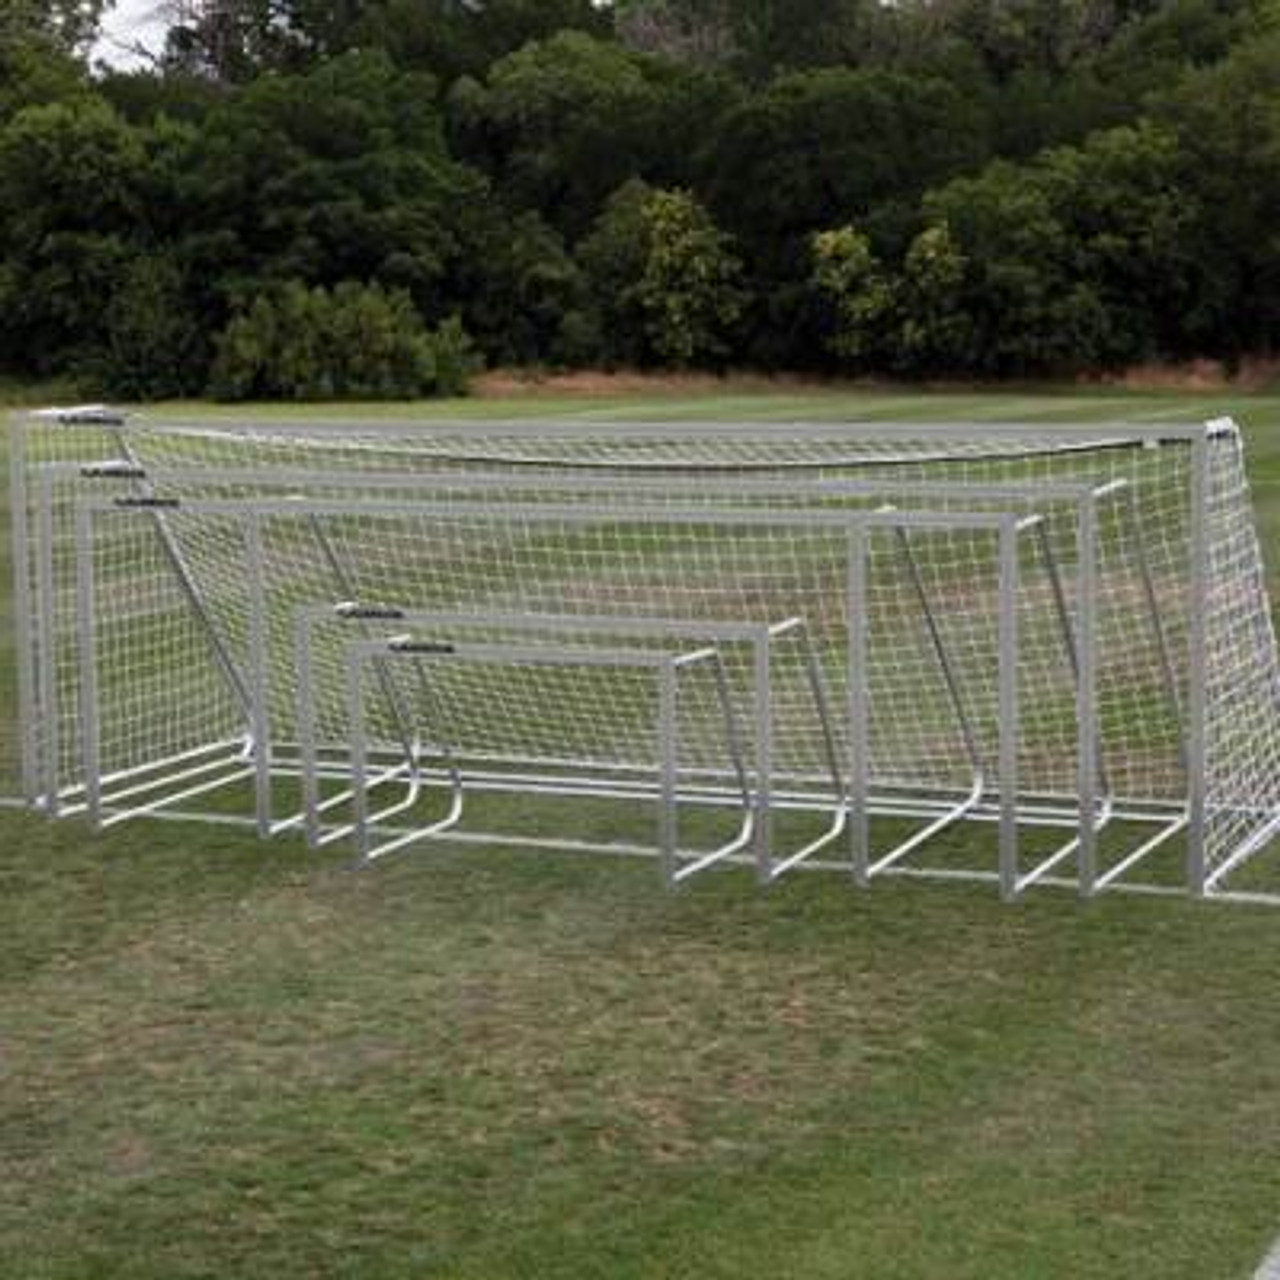 Alumagoal Soccer Goal 8'x24' aluminum finish